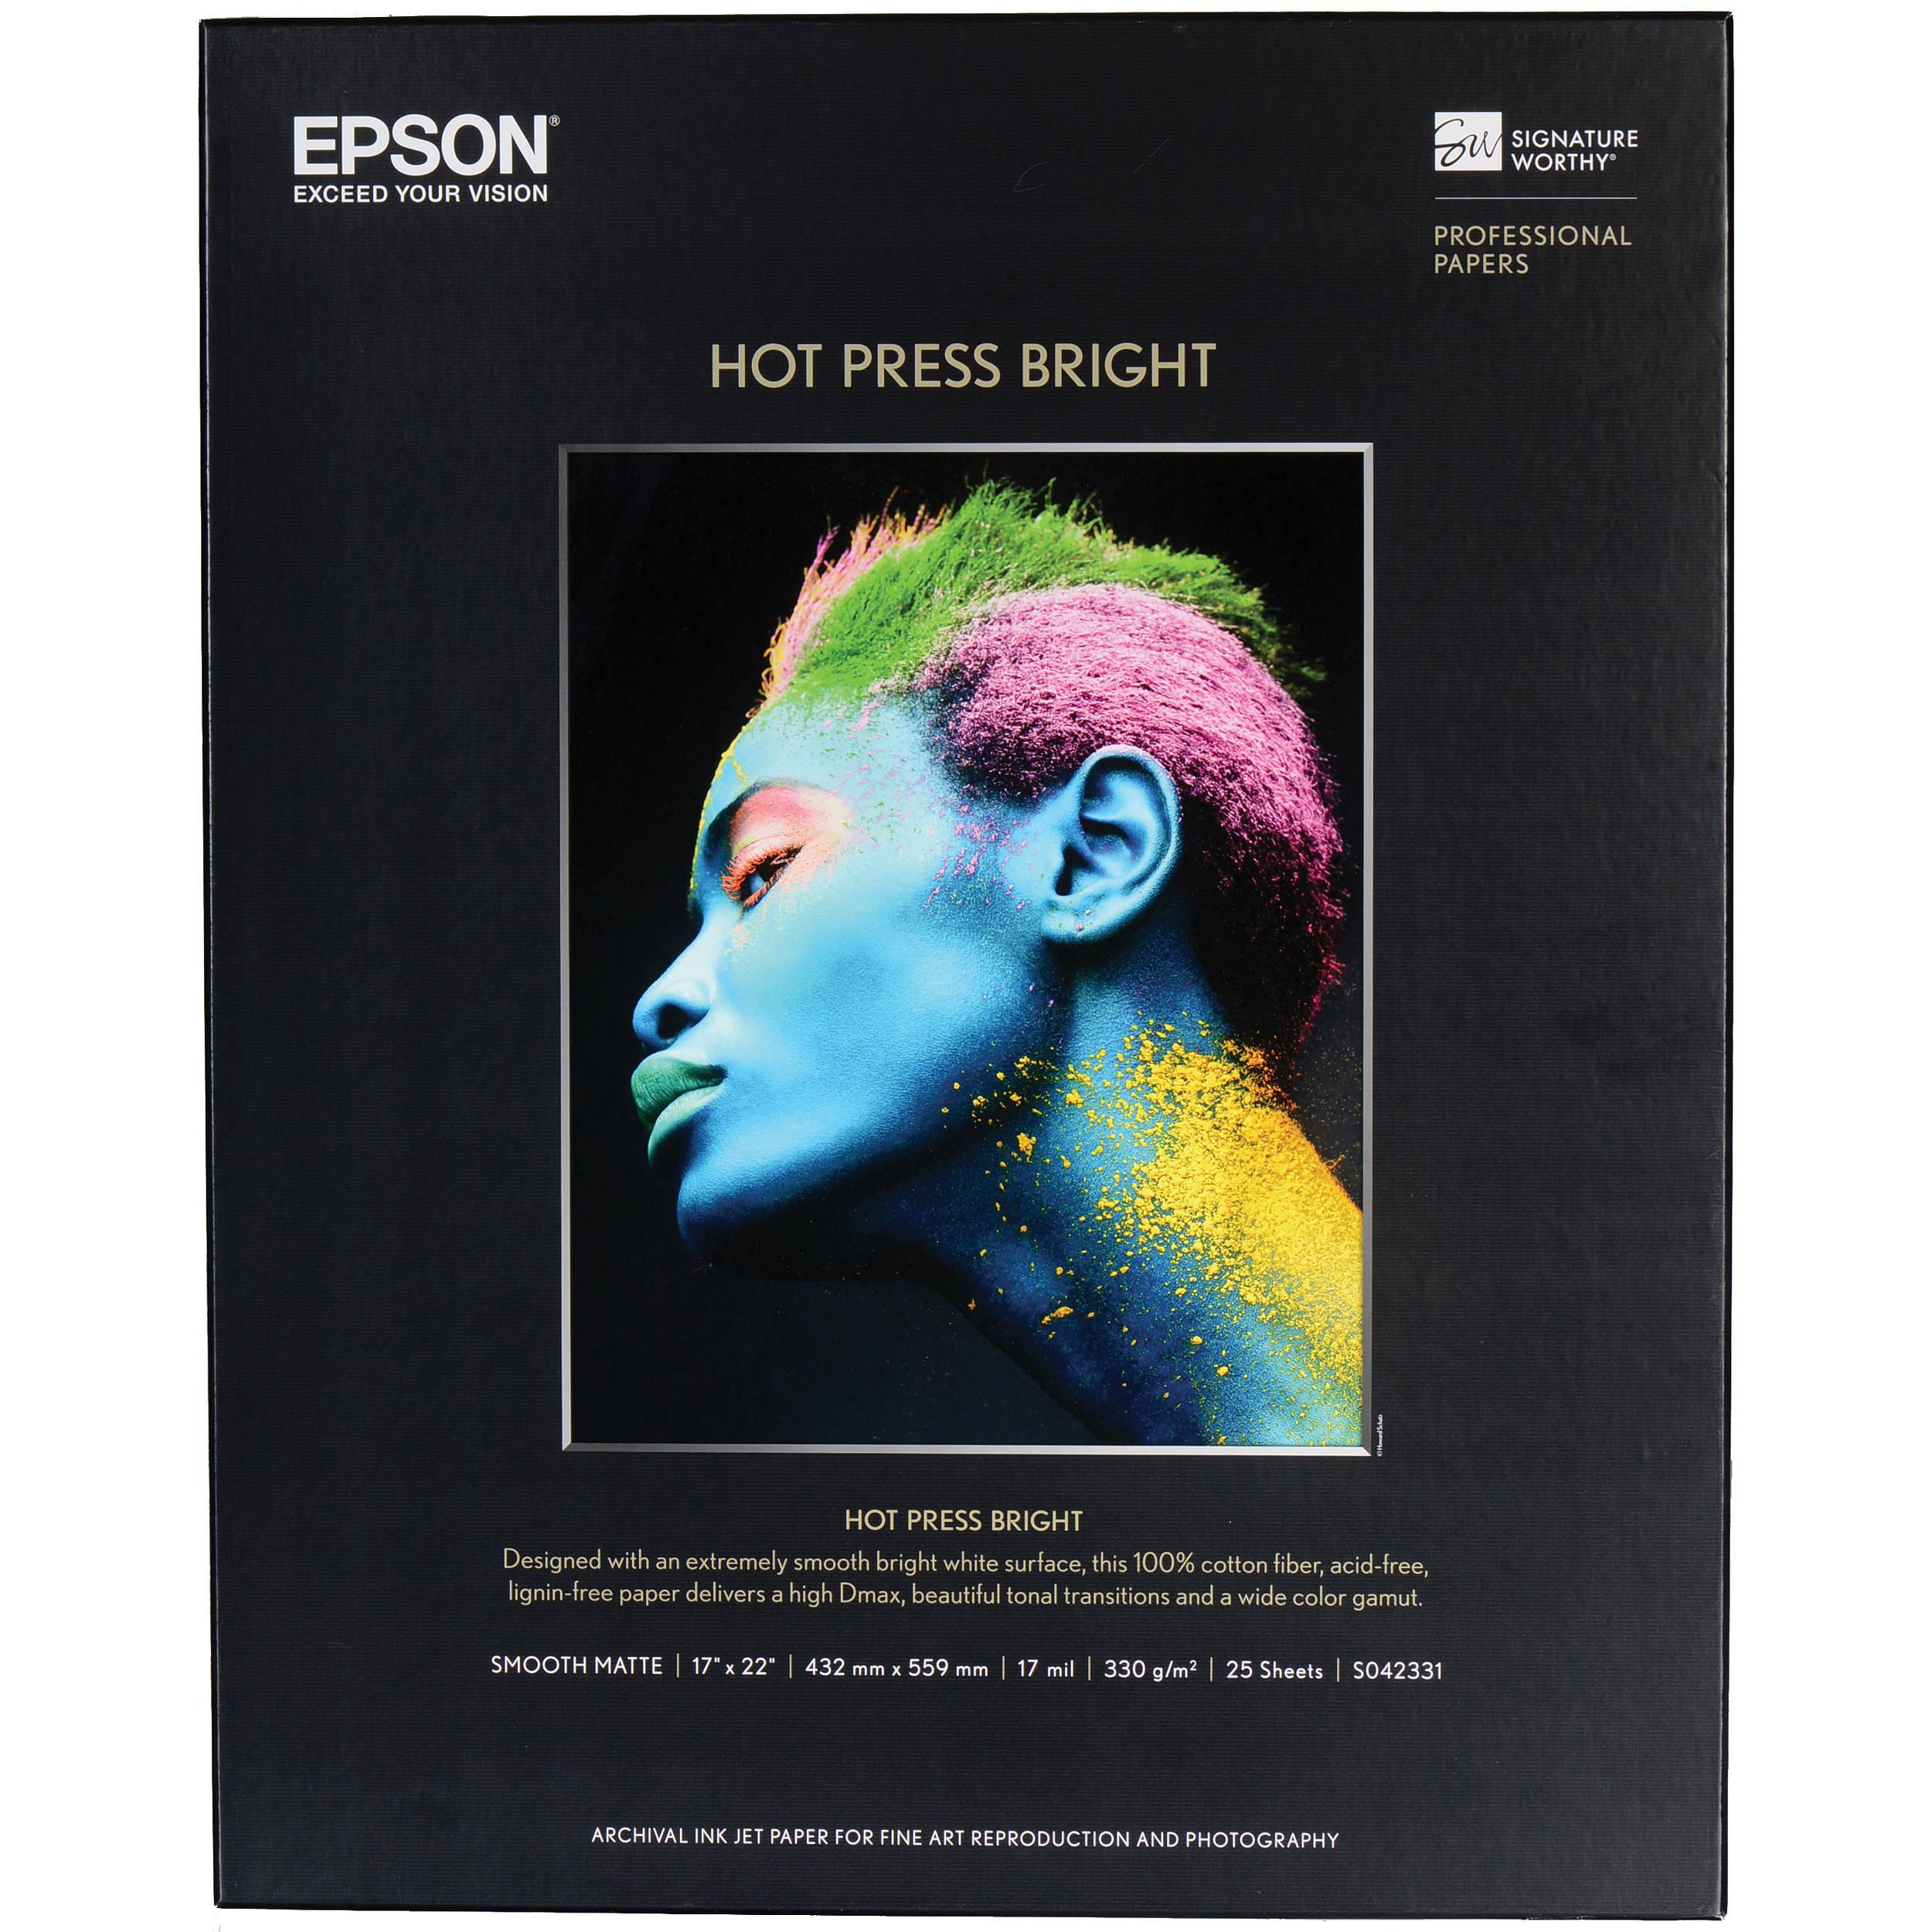 Epson Hot Press Bright Paper (17 x 22